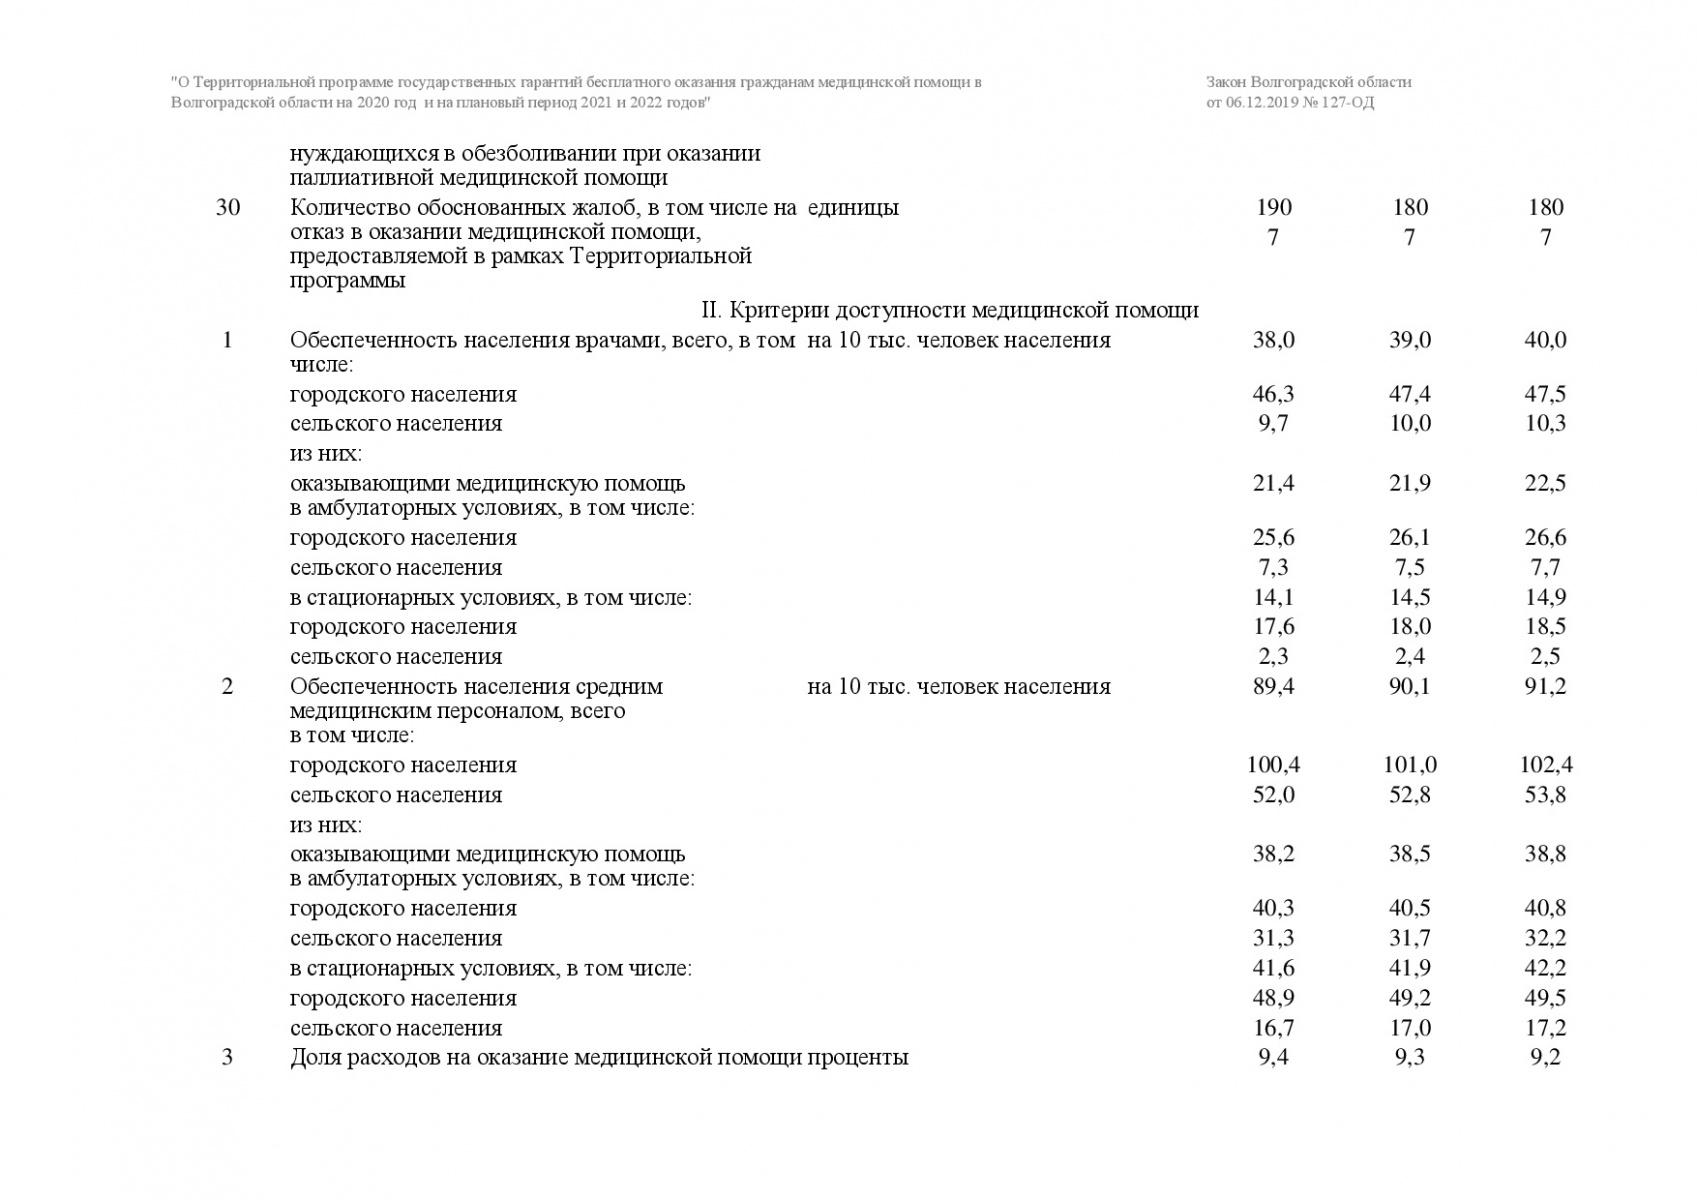 Prilozhenie-7-127-OD-005